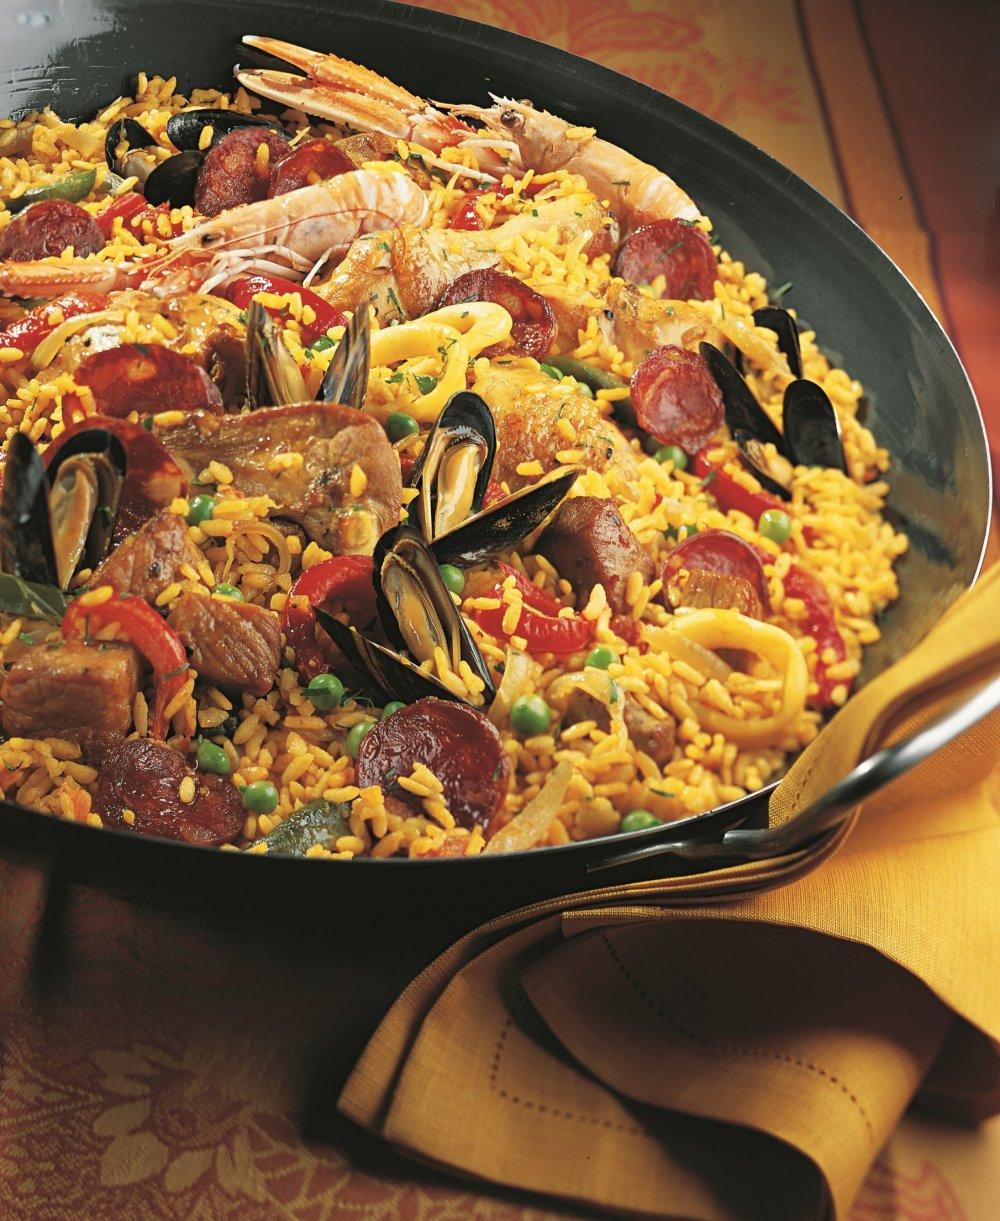 Que Boire Avec Une Paella : boire, paella, Recette, Paella, Royale, Marie, Claire